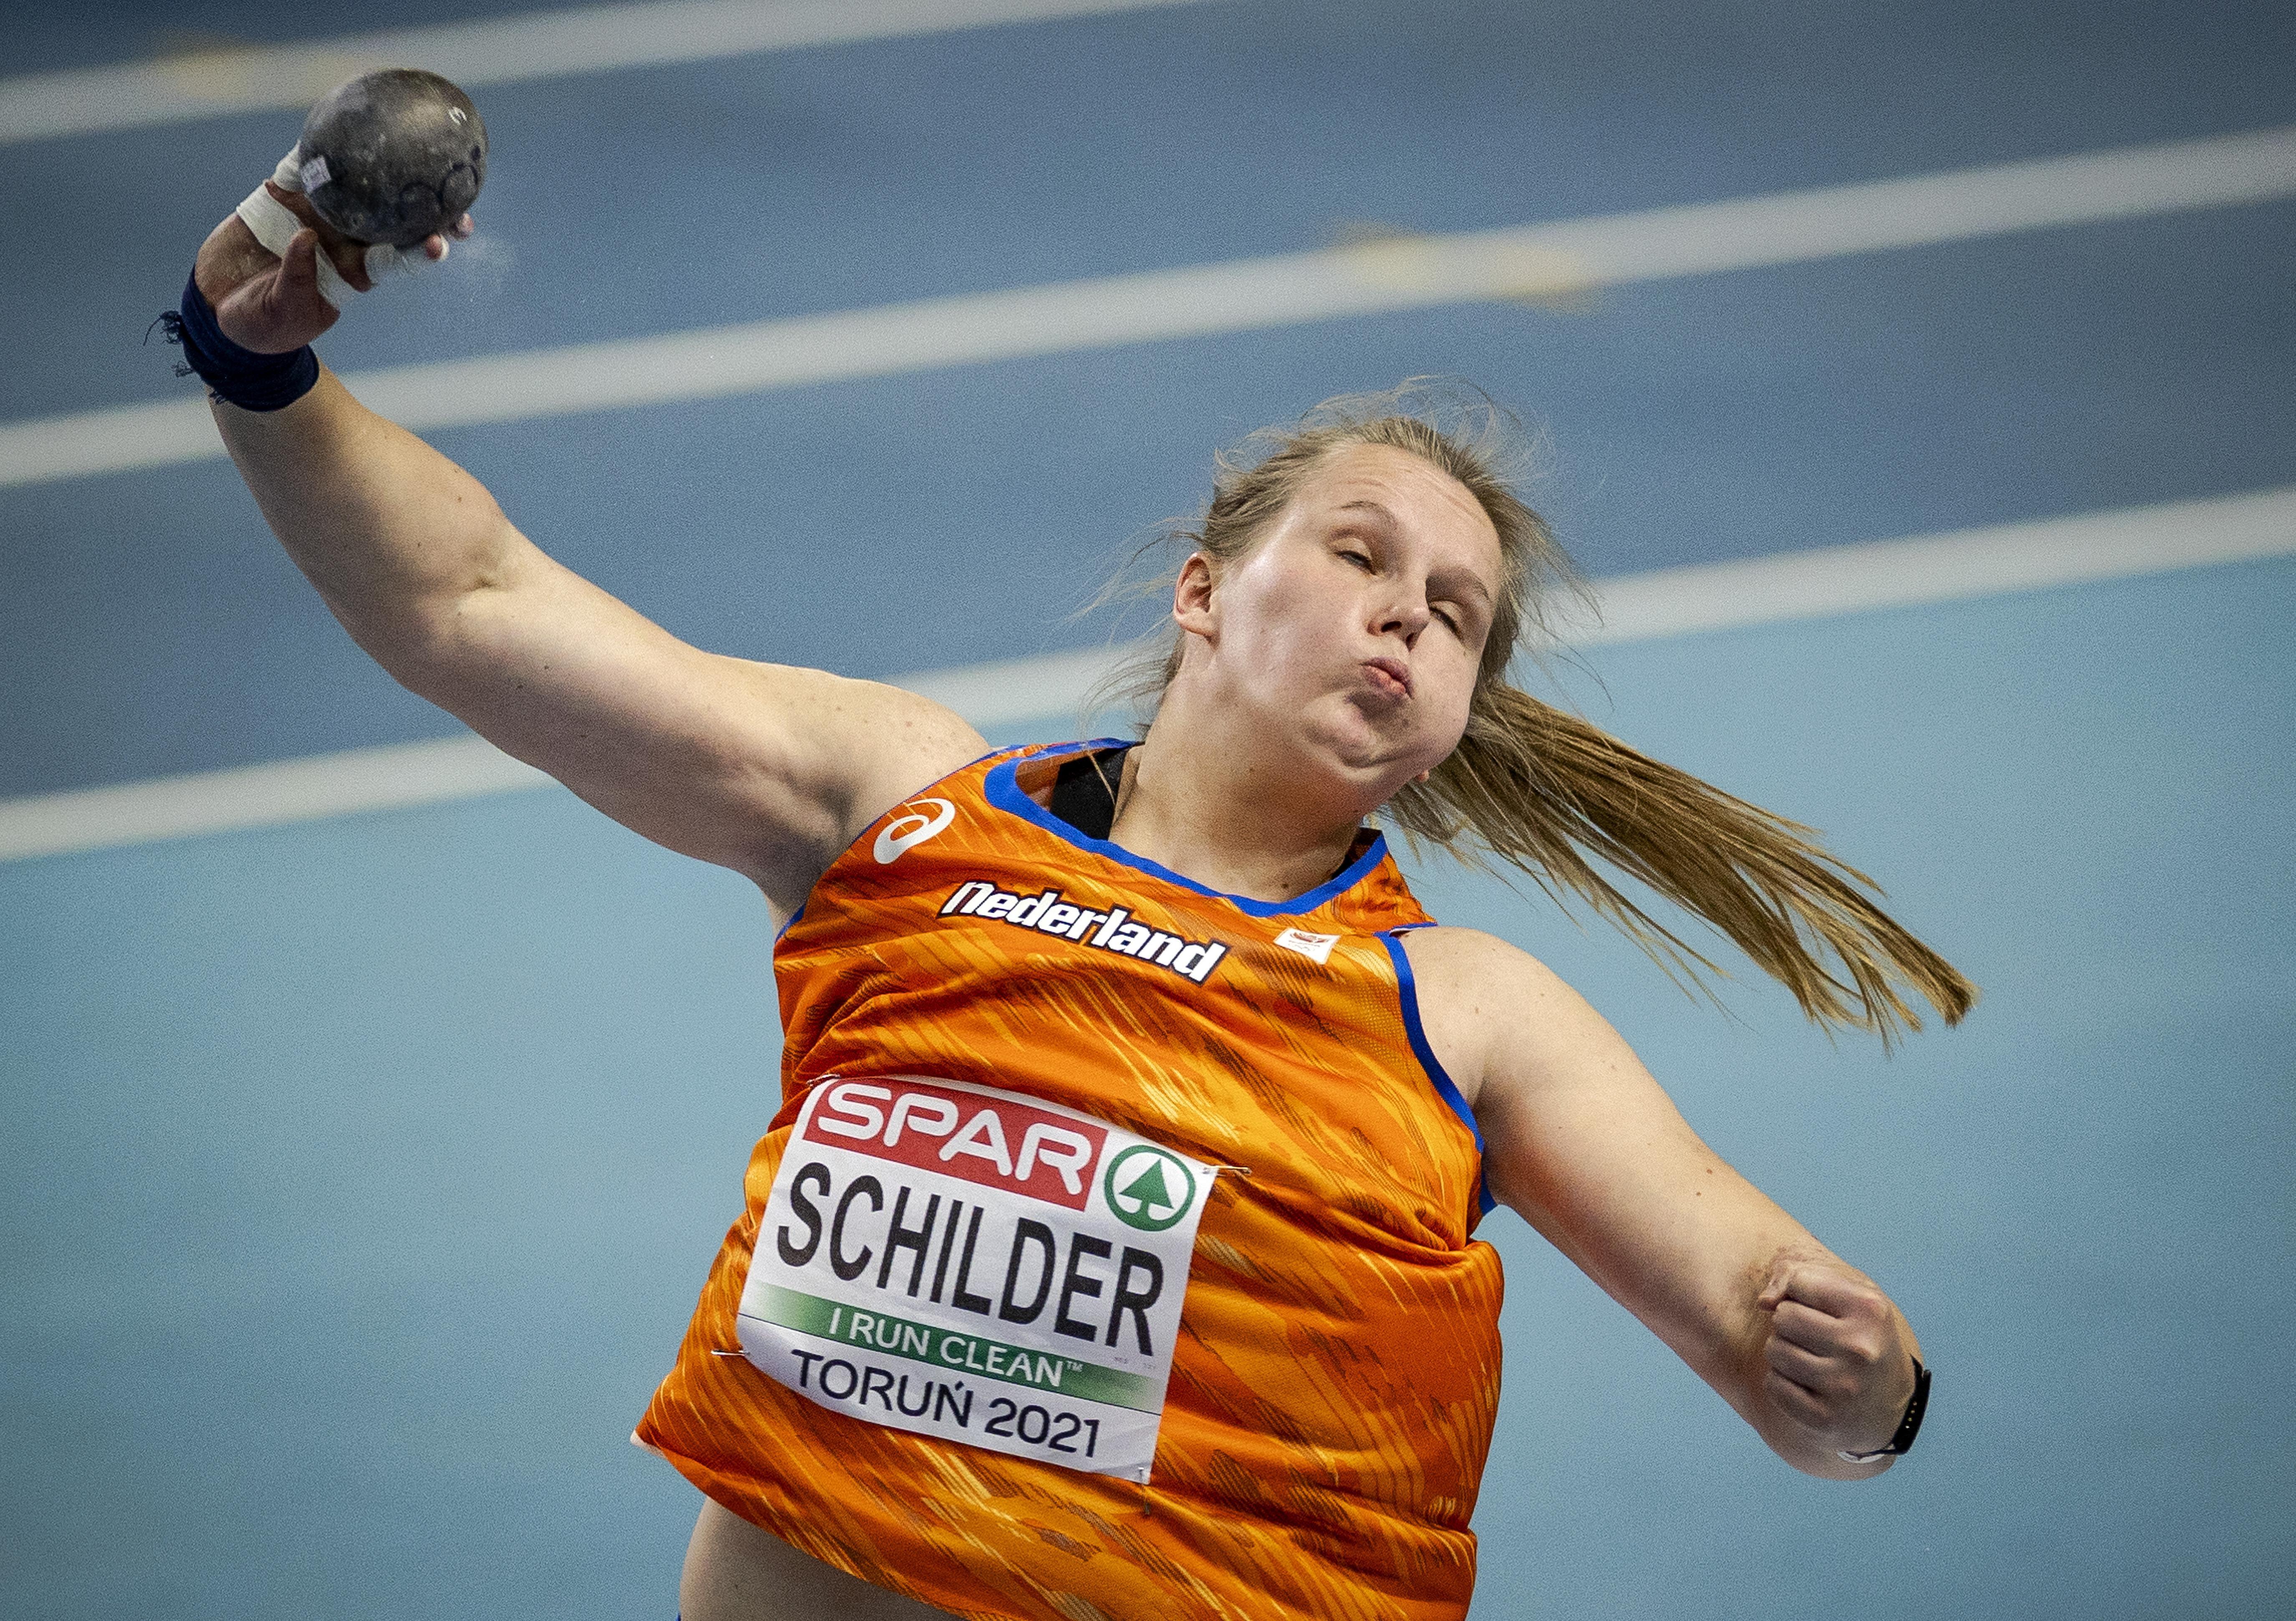 Kogelstootster Jessica Schilder met persoonlijk record naar finale EK indoor. Volendamse mist olympische limiet op twee centimeter